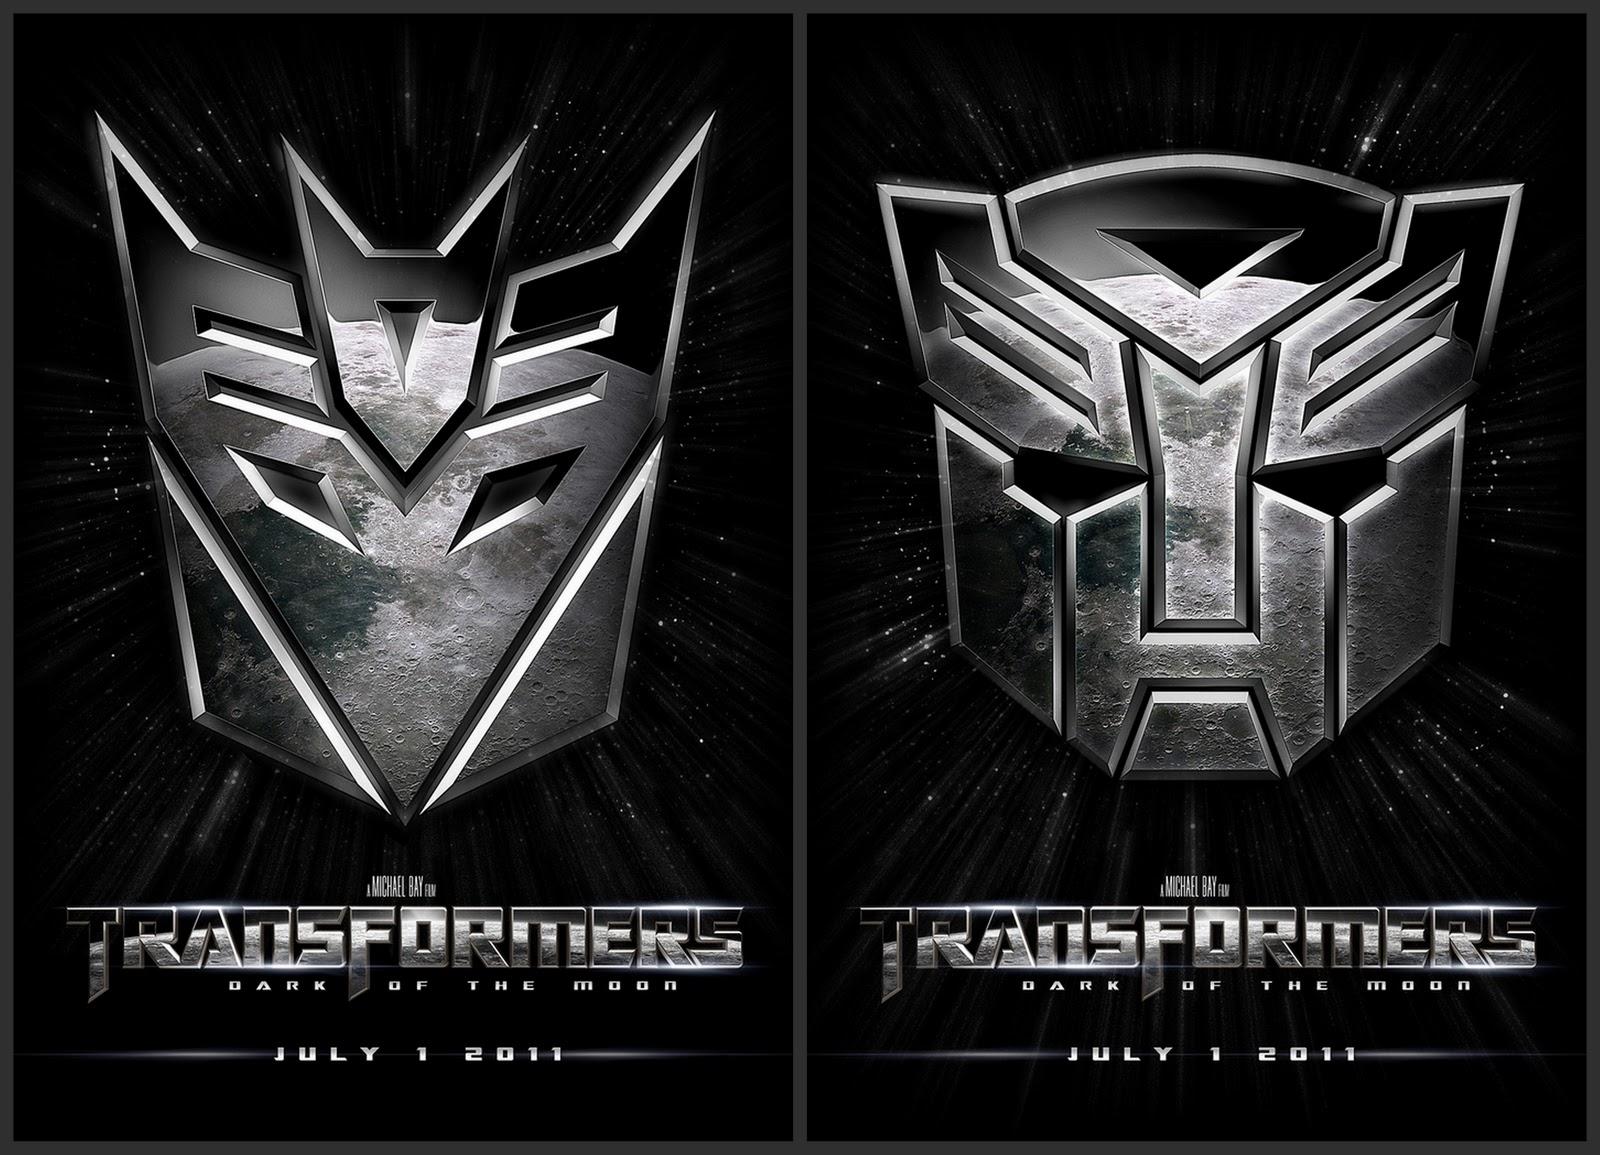 http://2.bp.blogspot.com/-2nbwwdjoxIE/Tf-XrpzxRGI/AAAAAAAAAas/yhmJi1ii5G8/s1600/transformers+3+insignias.jpg